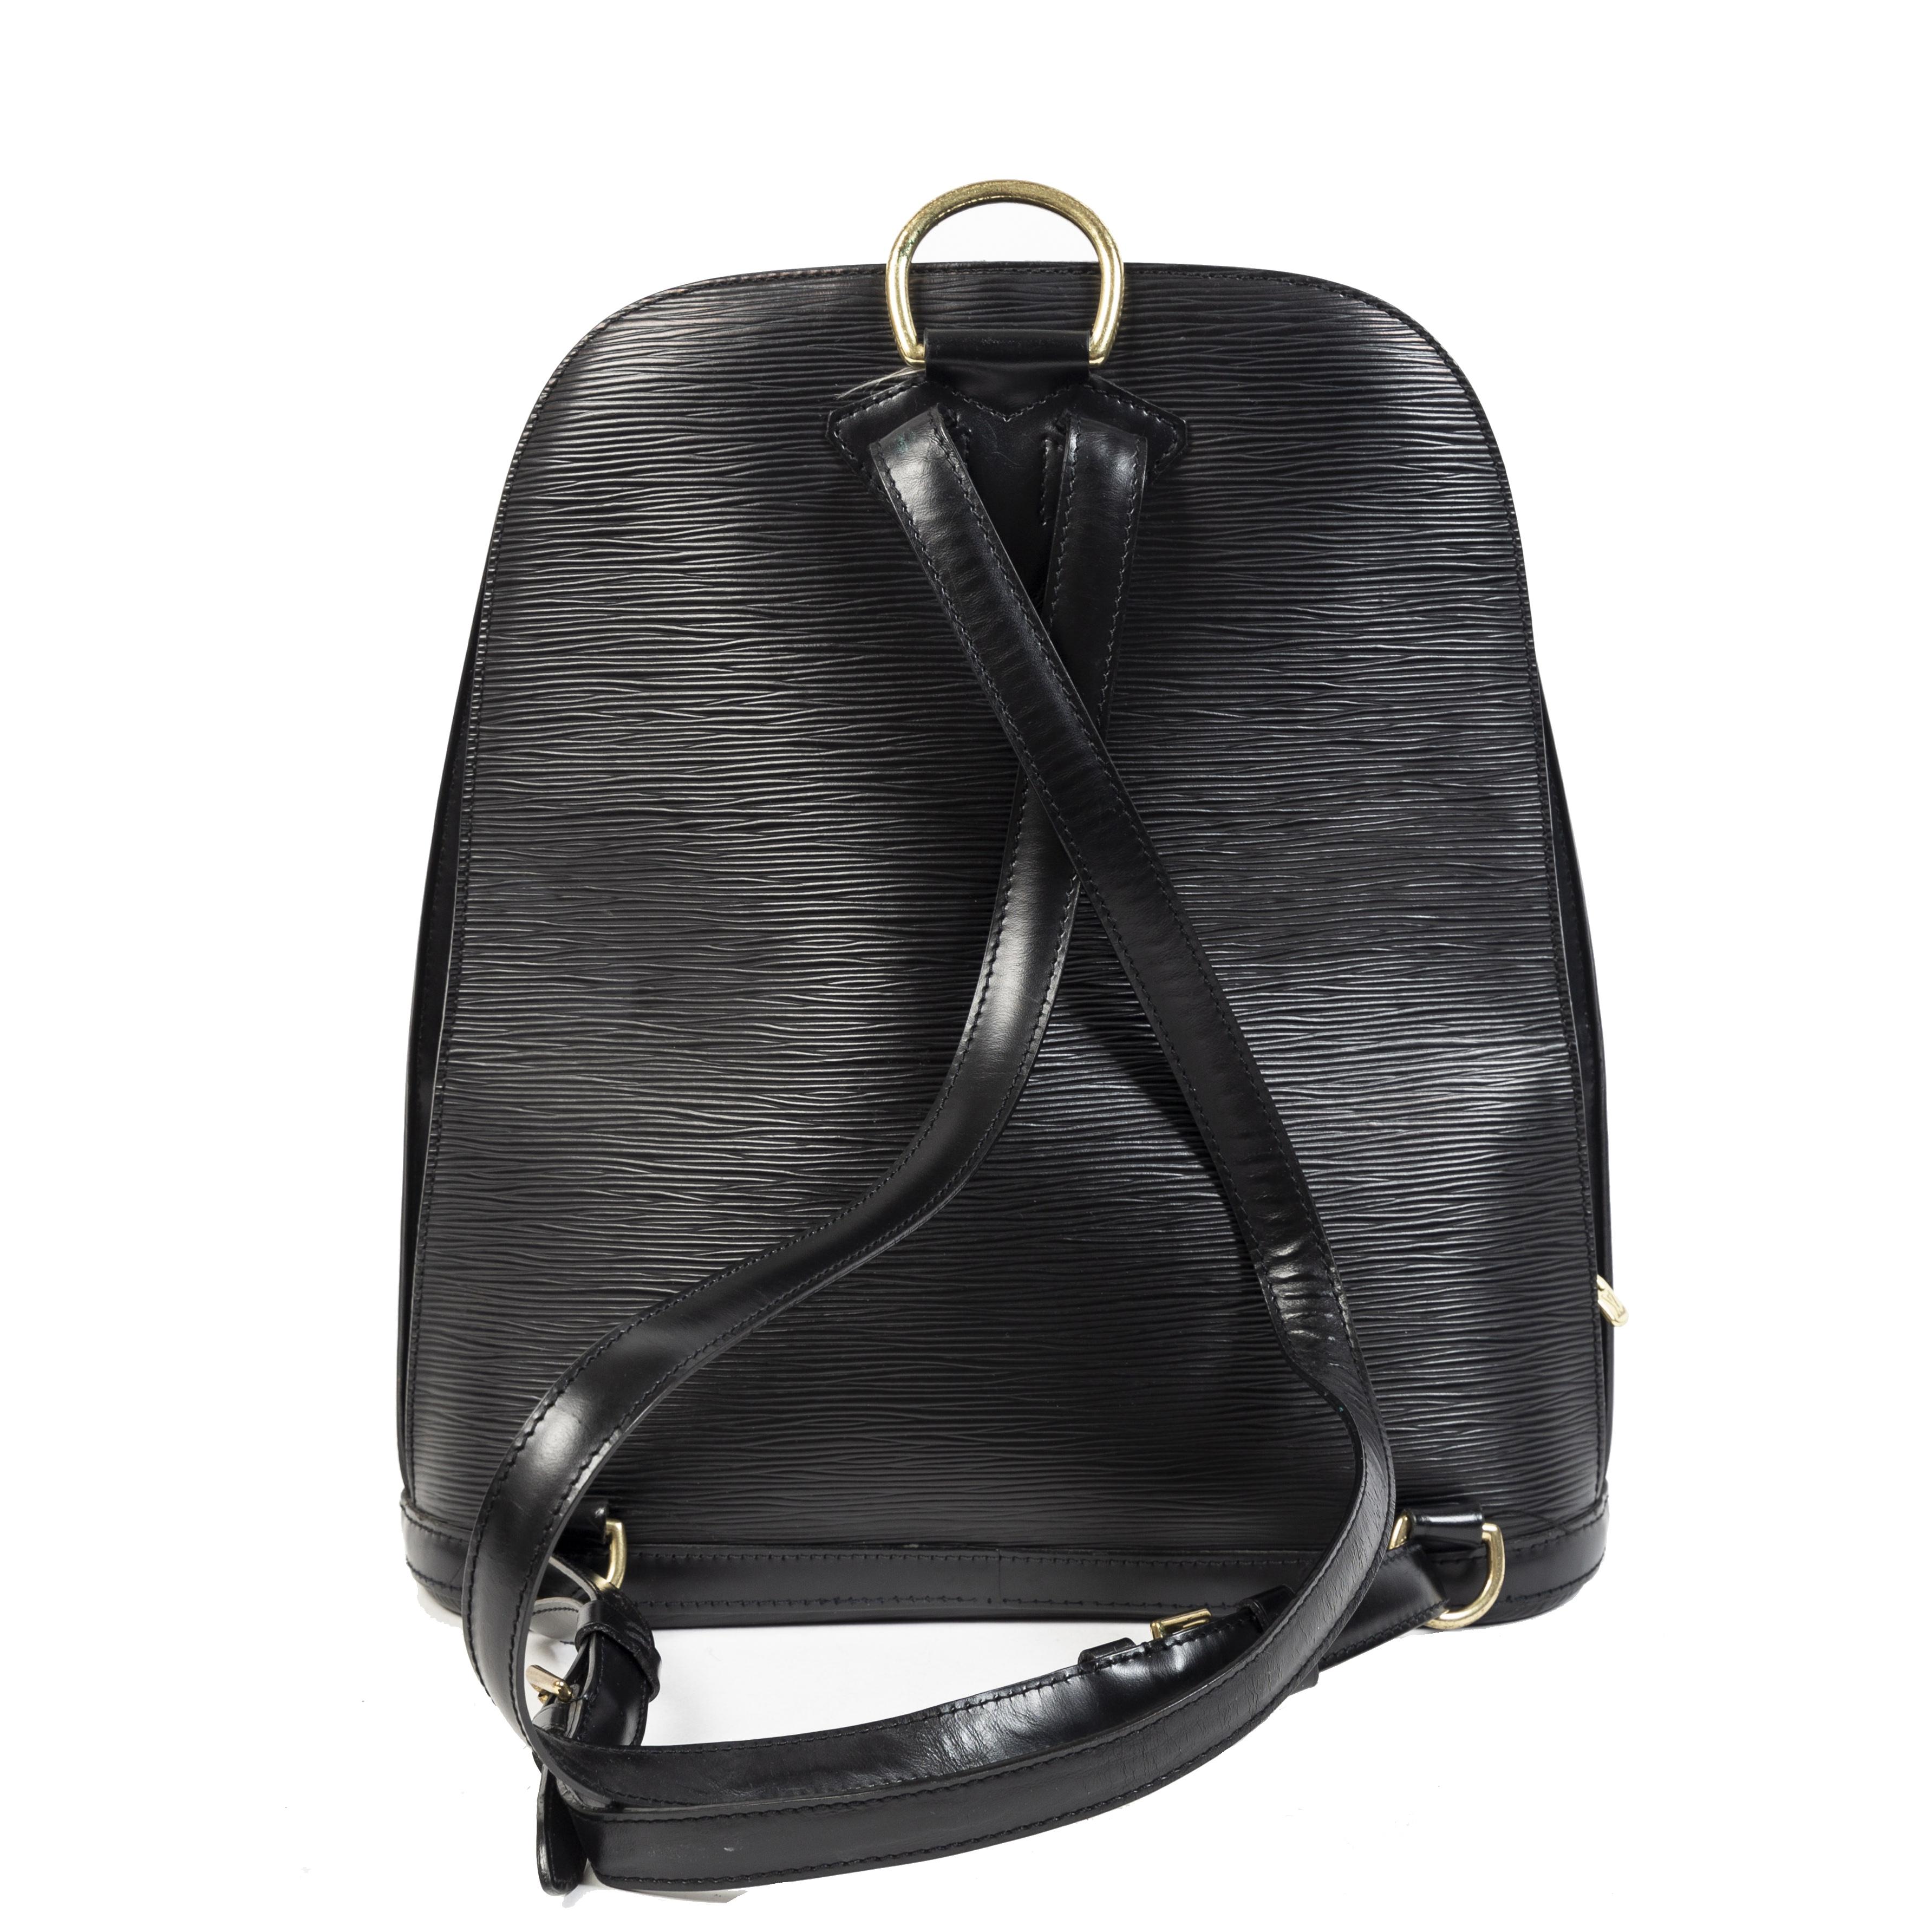 Authentieke Tweedehands Louis Vuitton Black Epi Leather Gobelins Backpack juiste prijs veilig online shoppen luxe merken webshop winkelen Antwerpen België mode fashion